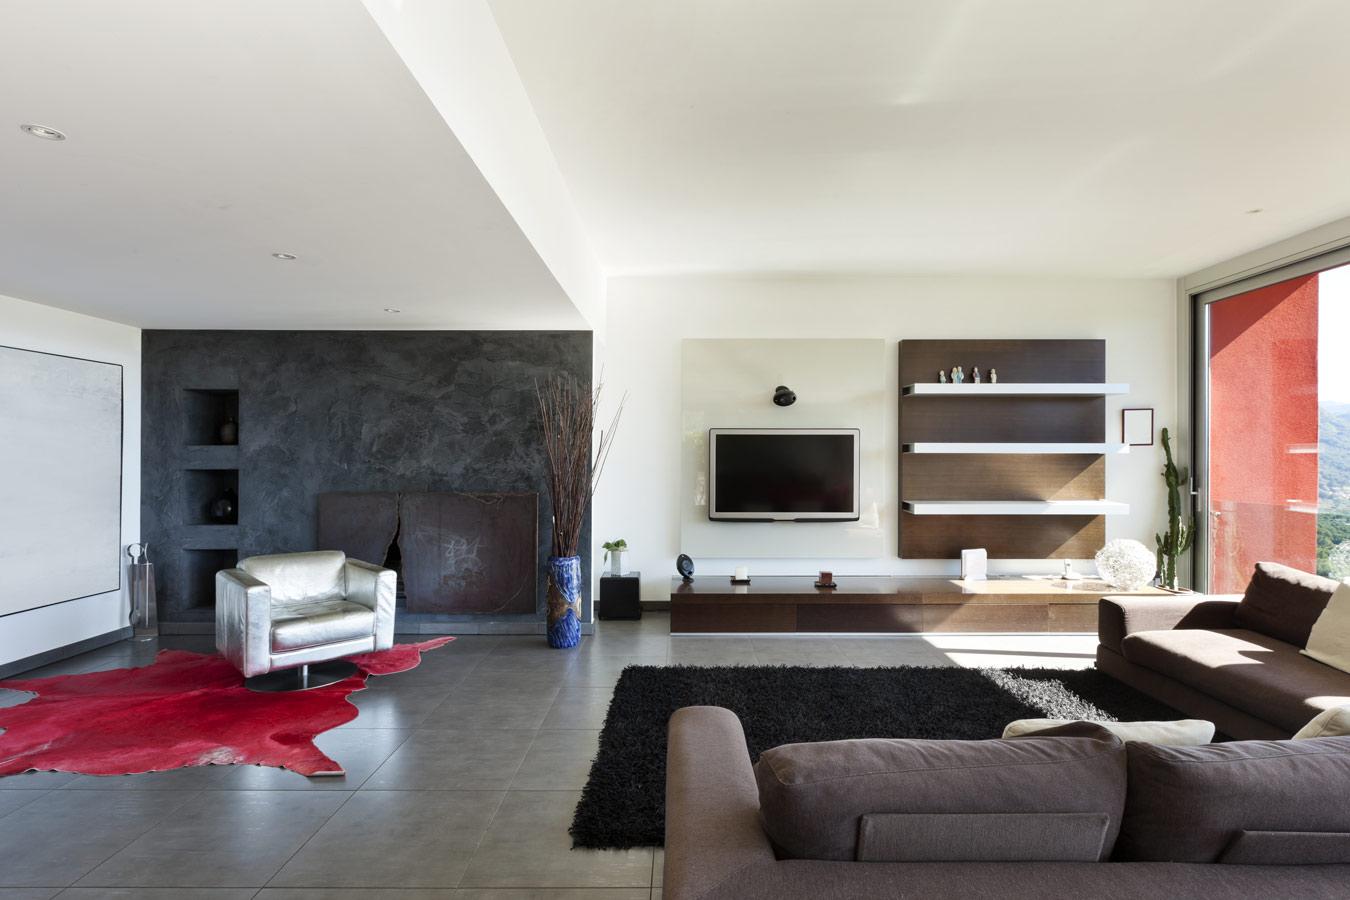 grote open leefruimte met laag tv meubel in massief hout